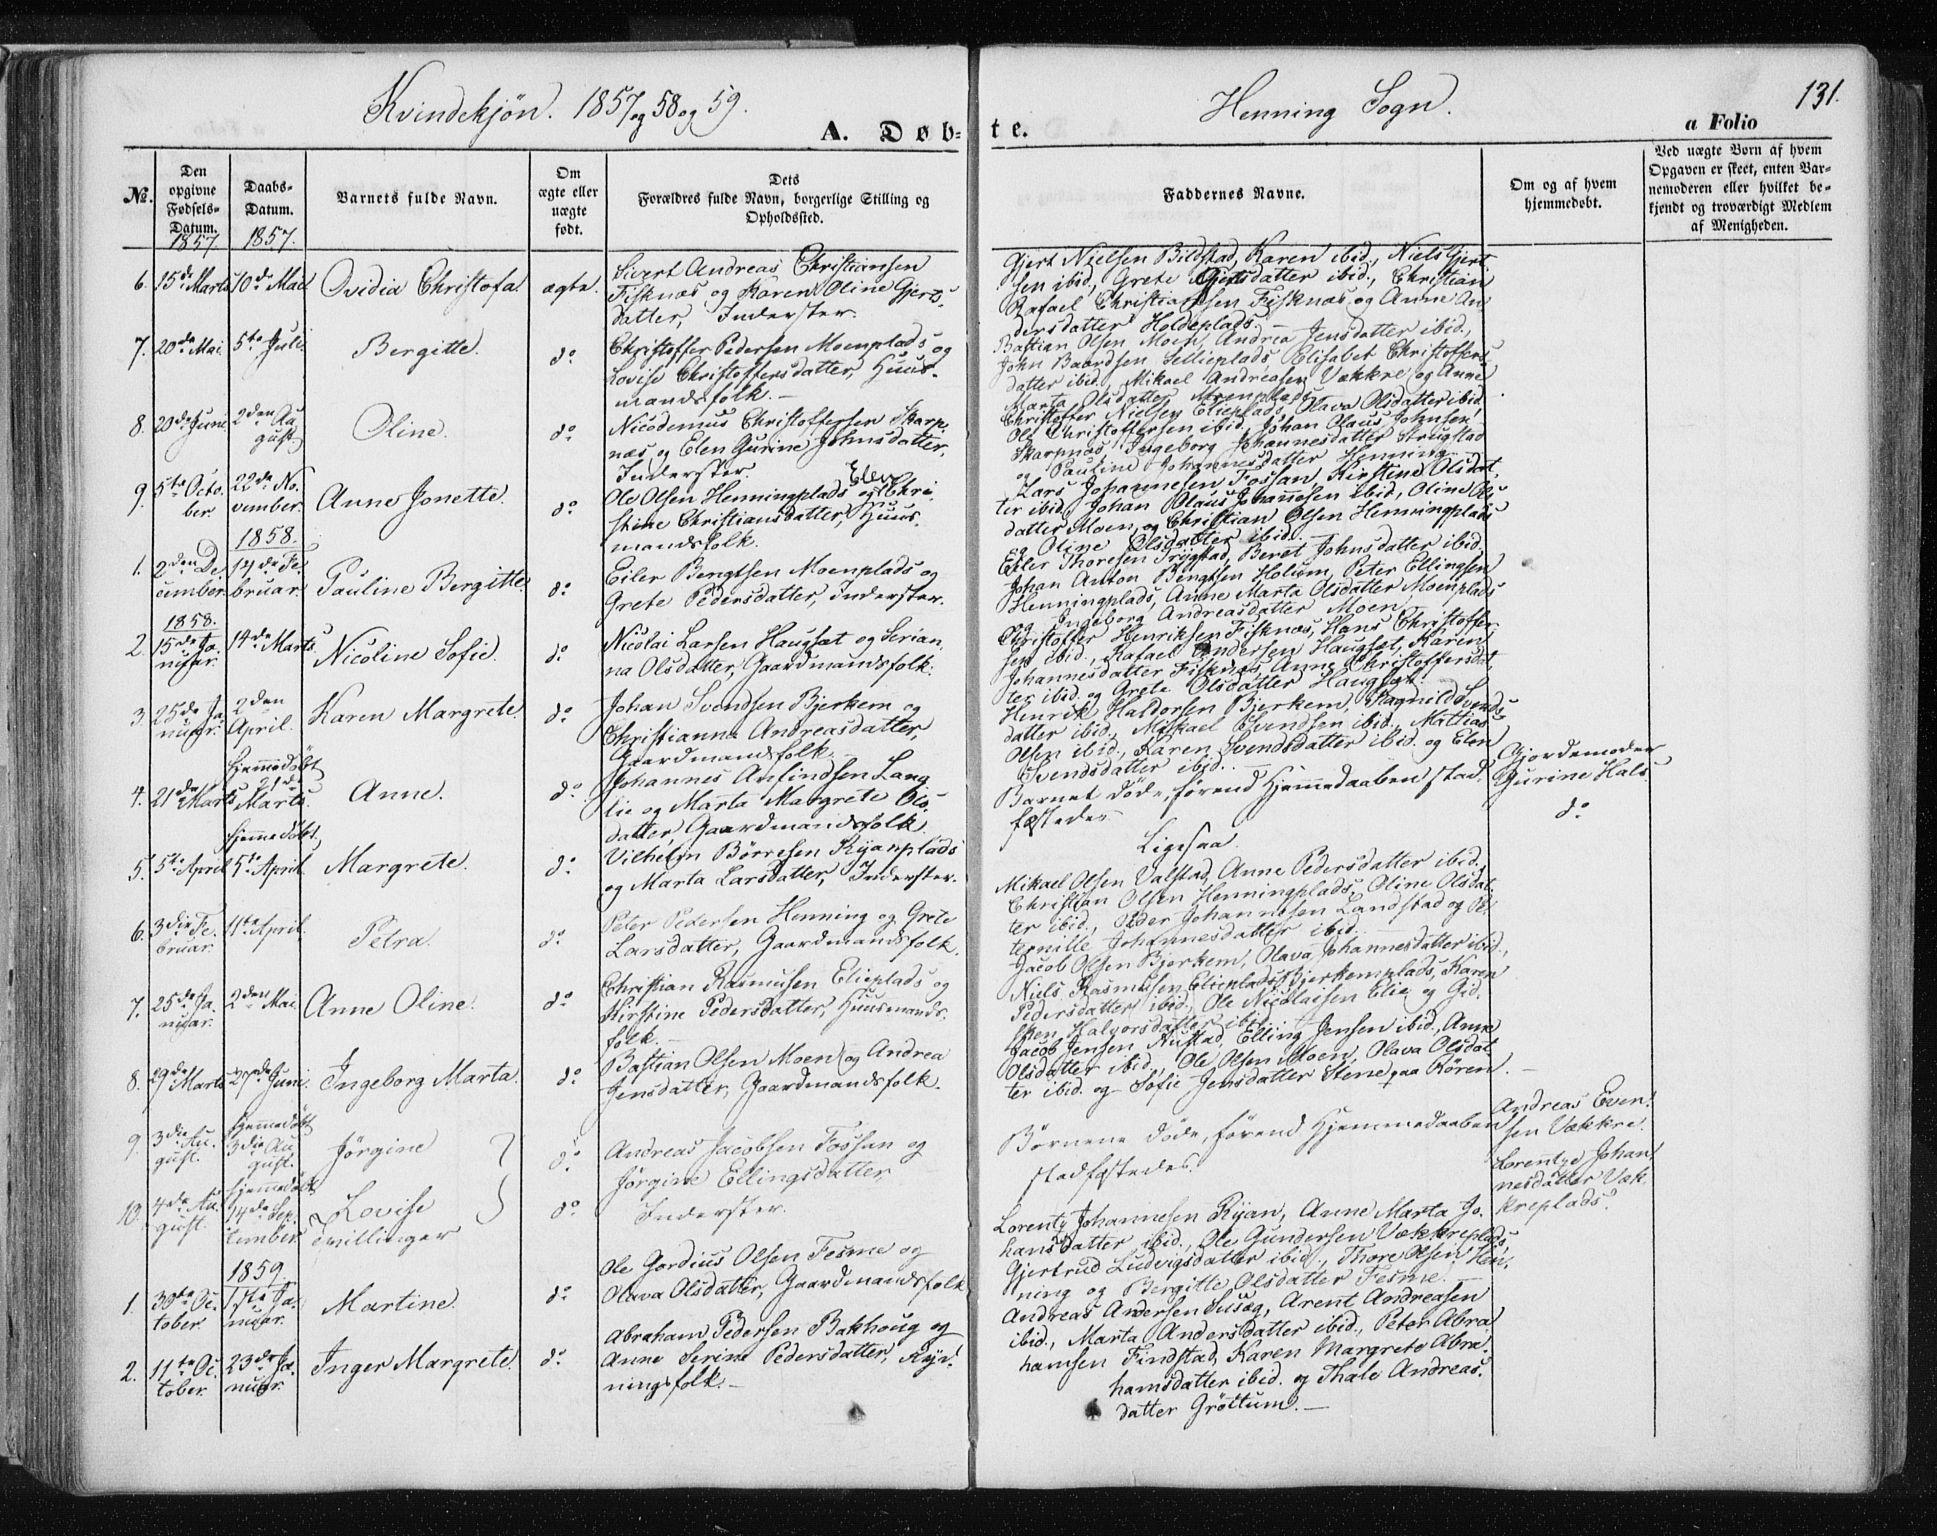 SAT, Ministerialprotokoller, klokkerbøker og fødselsregistre - Nord-Trøndelag, 735/L0342: Ministerialbok nr. 735A07 /3, 1849-1862, s. 131